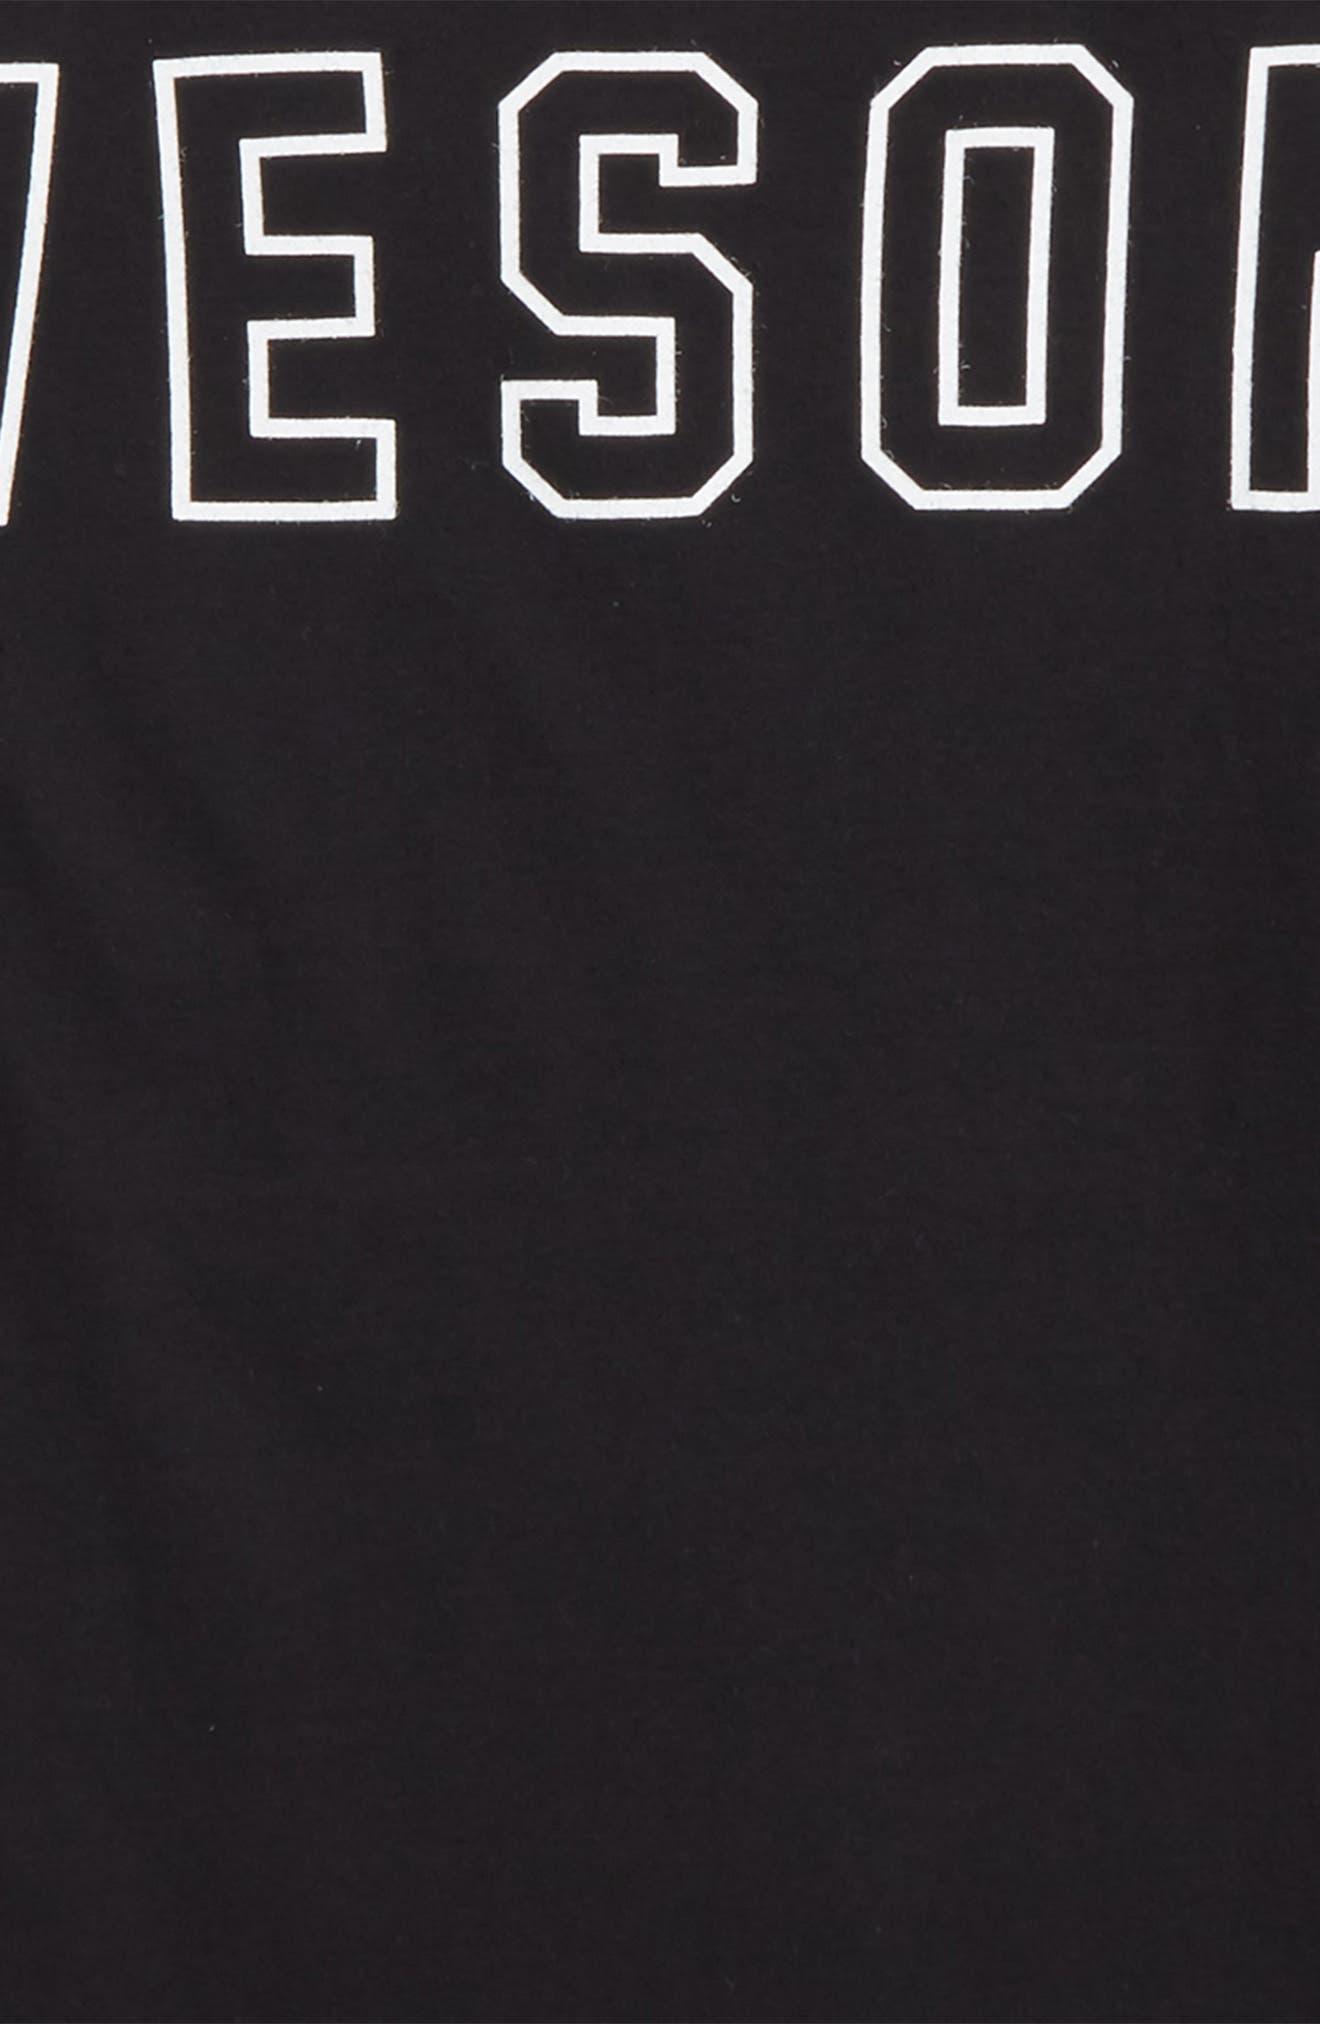 Dixon Awesome Organic Cotton T-Shirt,                             Alternate thumbnail 2, color,                             Black